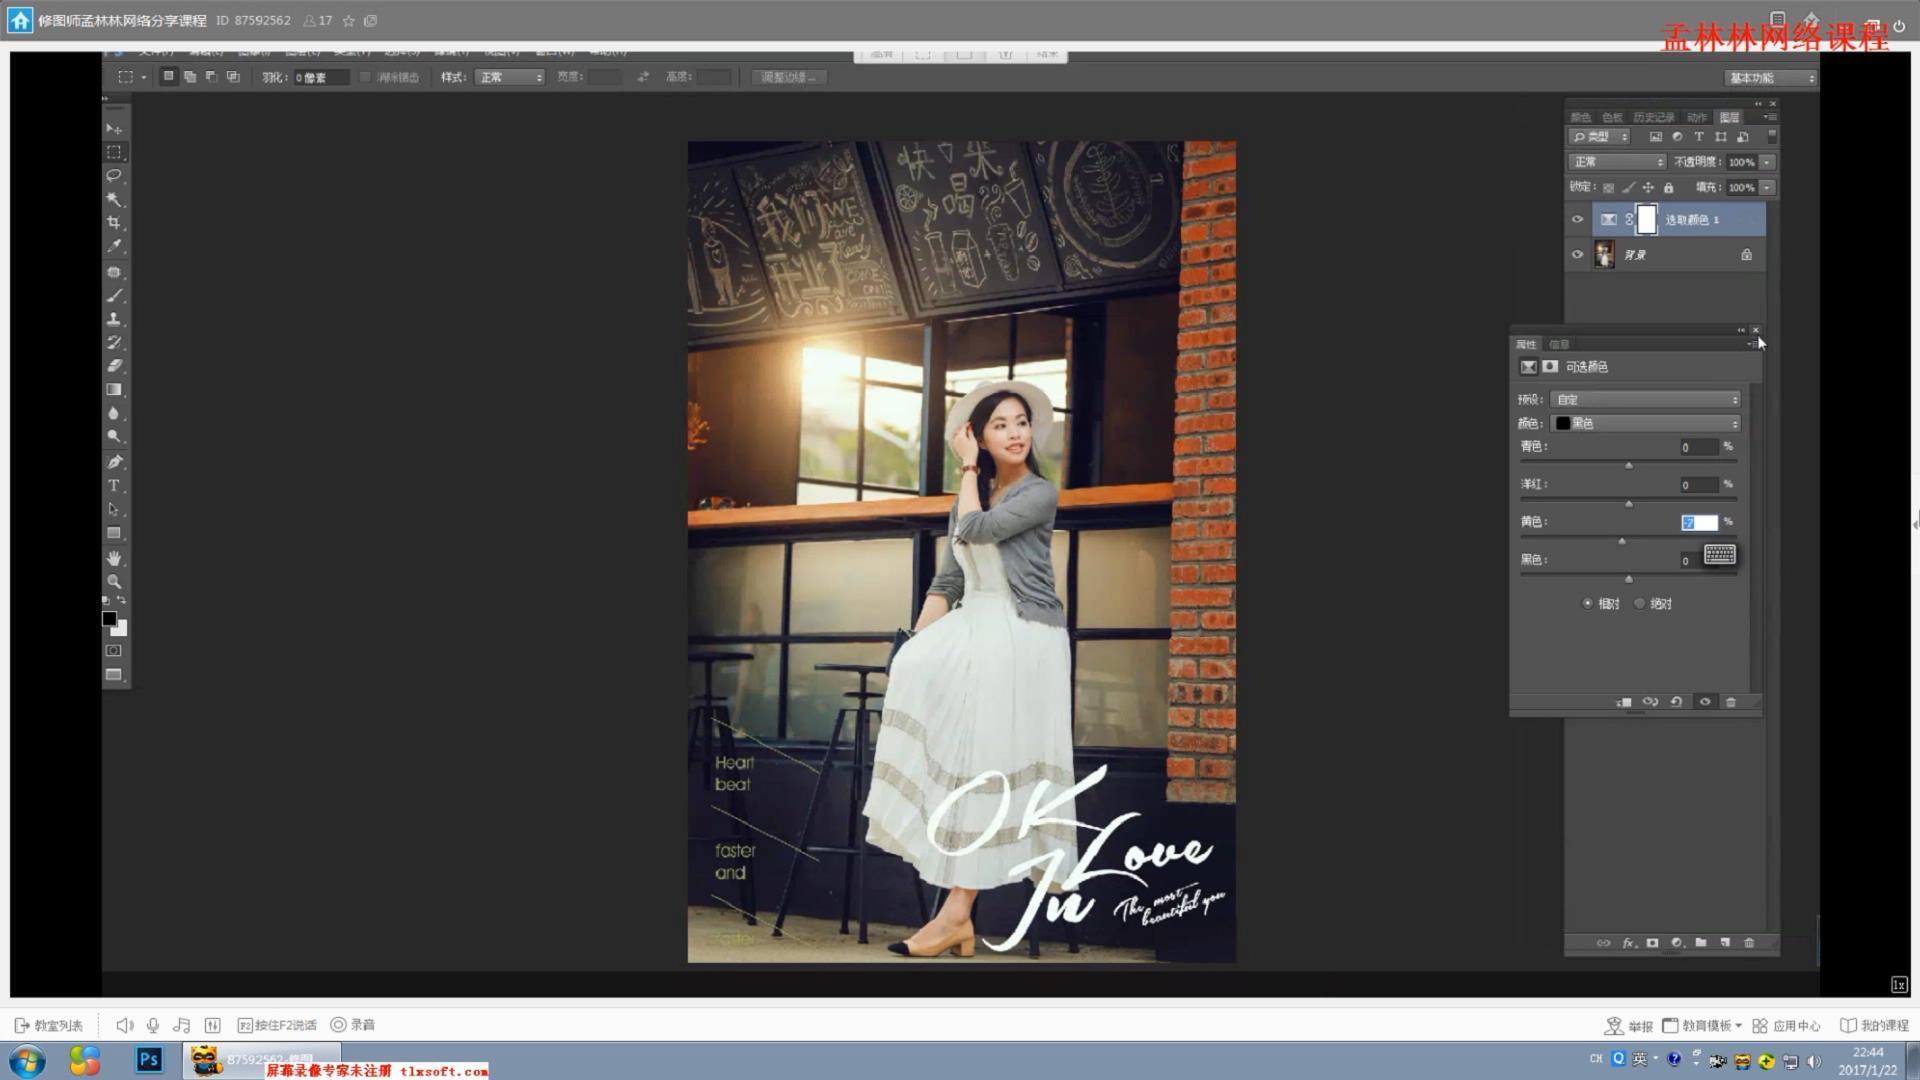 平面教程-修图师孟林林唯美PS韩式婚纱照调色教程 含素材(8)